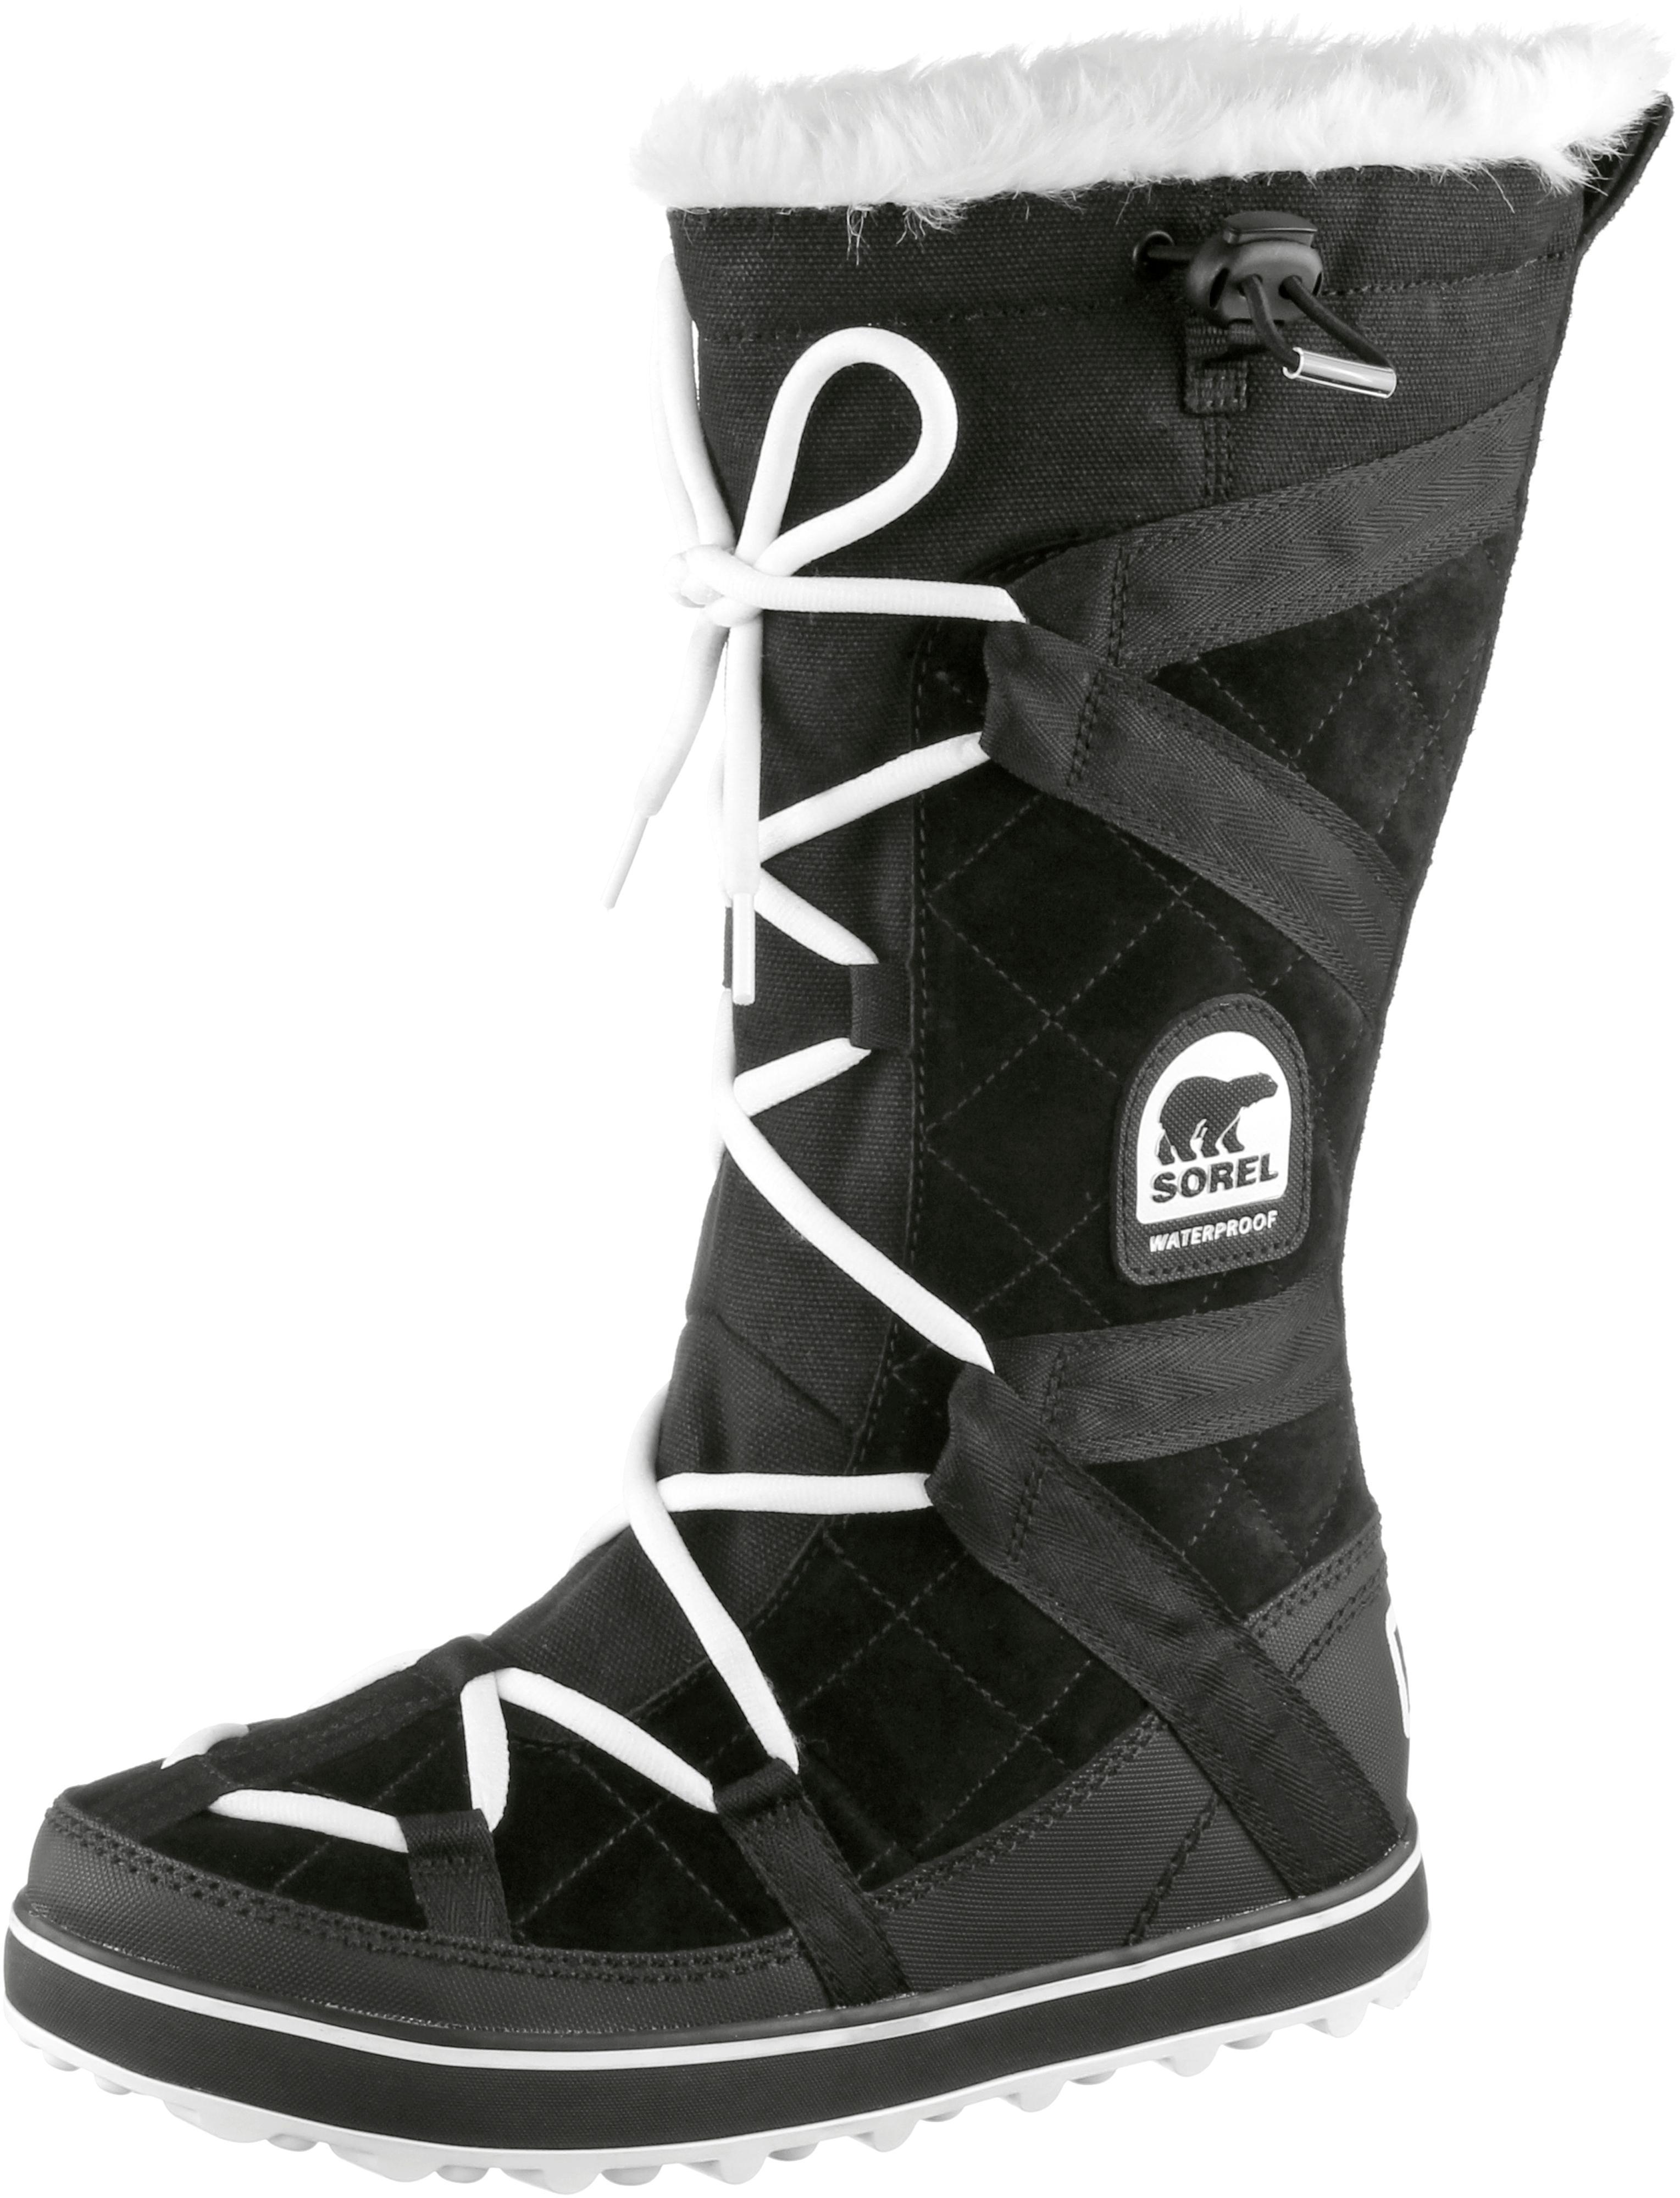 Sorel Glacy Explorer Stiefel Damen schwarz/weiß im Online Shop von SportScheck kaufen Gute Qualität beliebte Schuhe